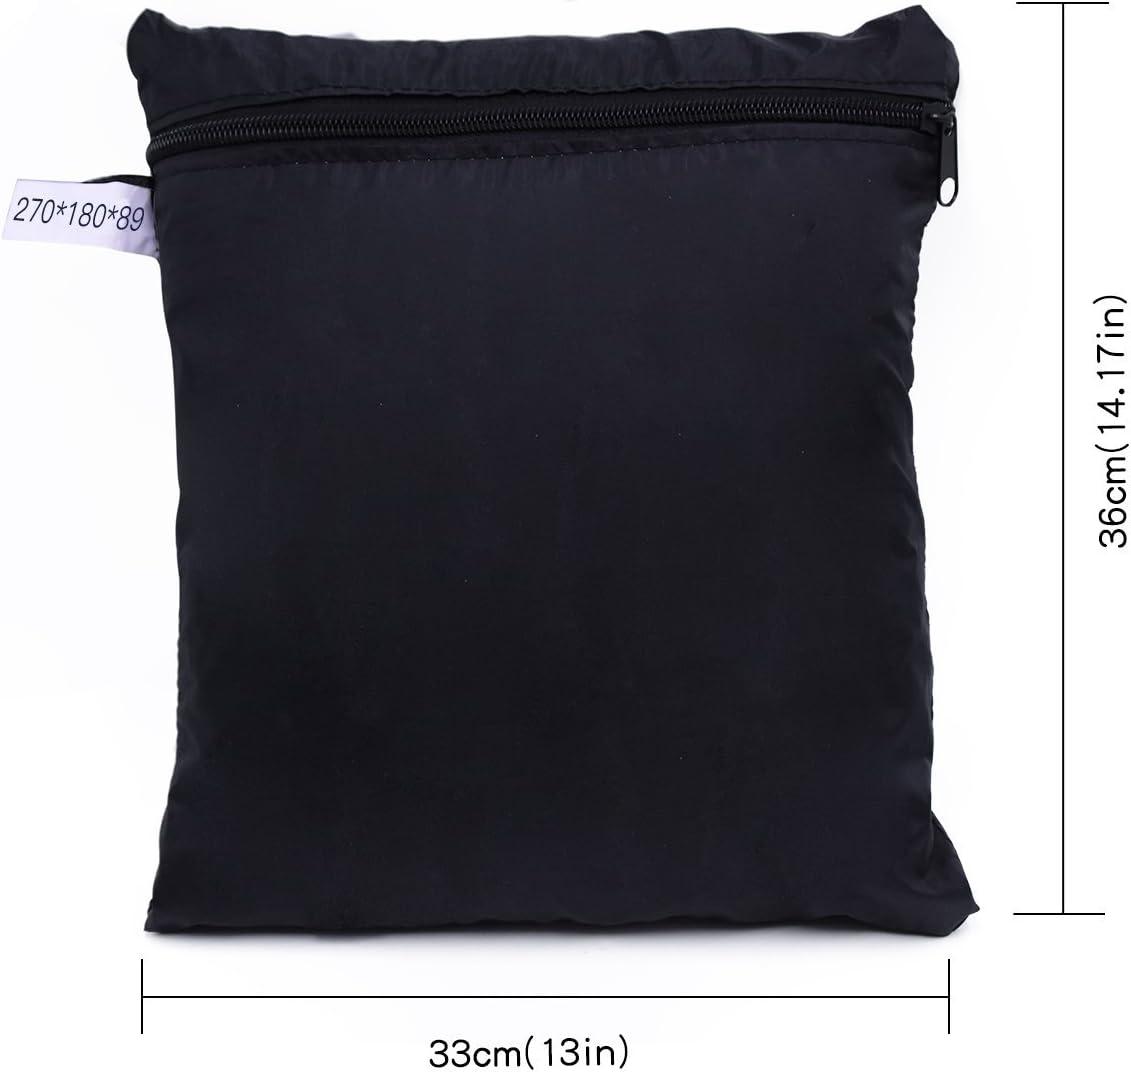 Buzazz Fundas de Muebles Oxford Tela Impermeable Resistente al Polvo Anti-UV Protecci/ón Exterior Muebles de Jard/ín Cubiertas de Mesa y Silla Negro 270 x 180 x 89 cm